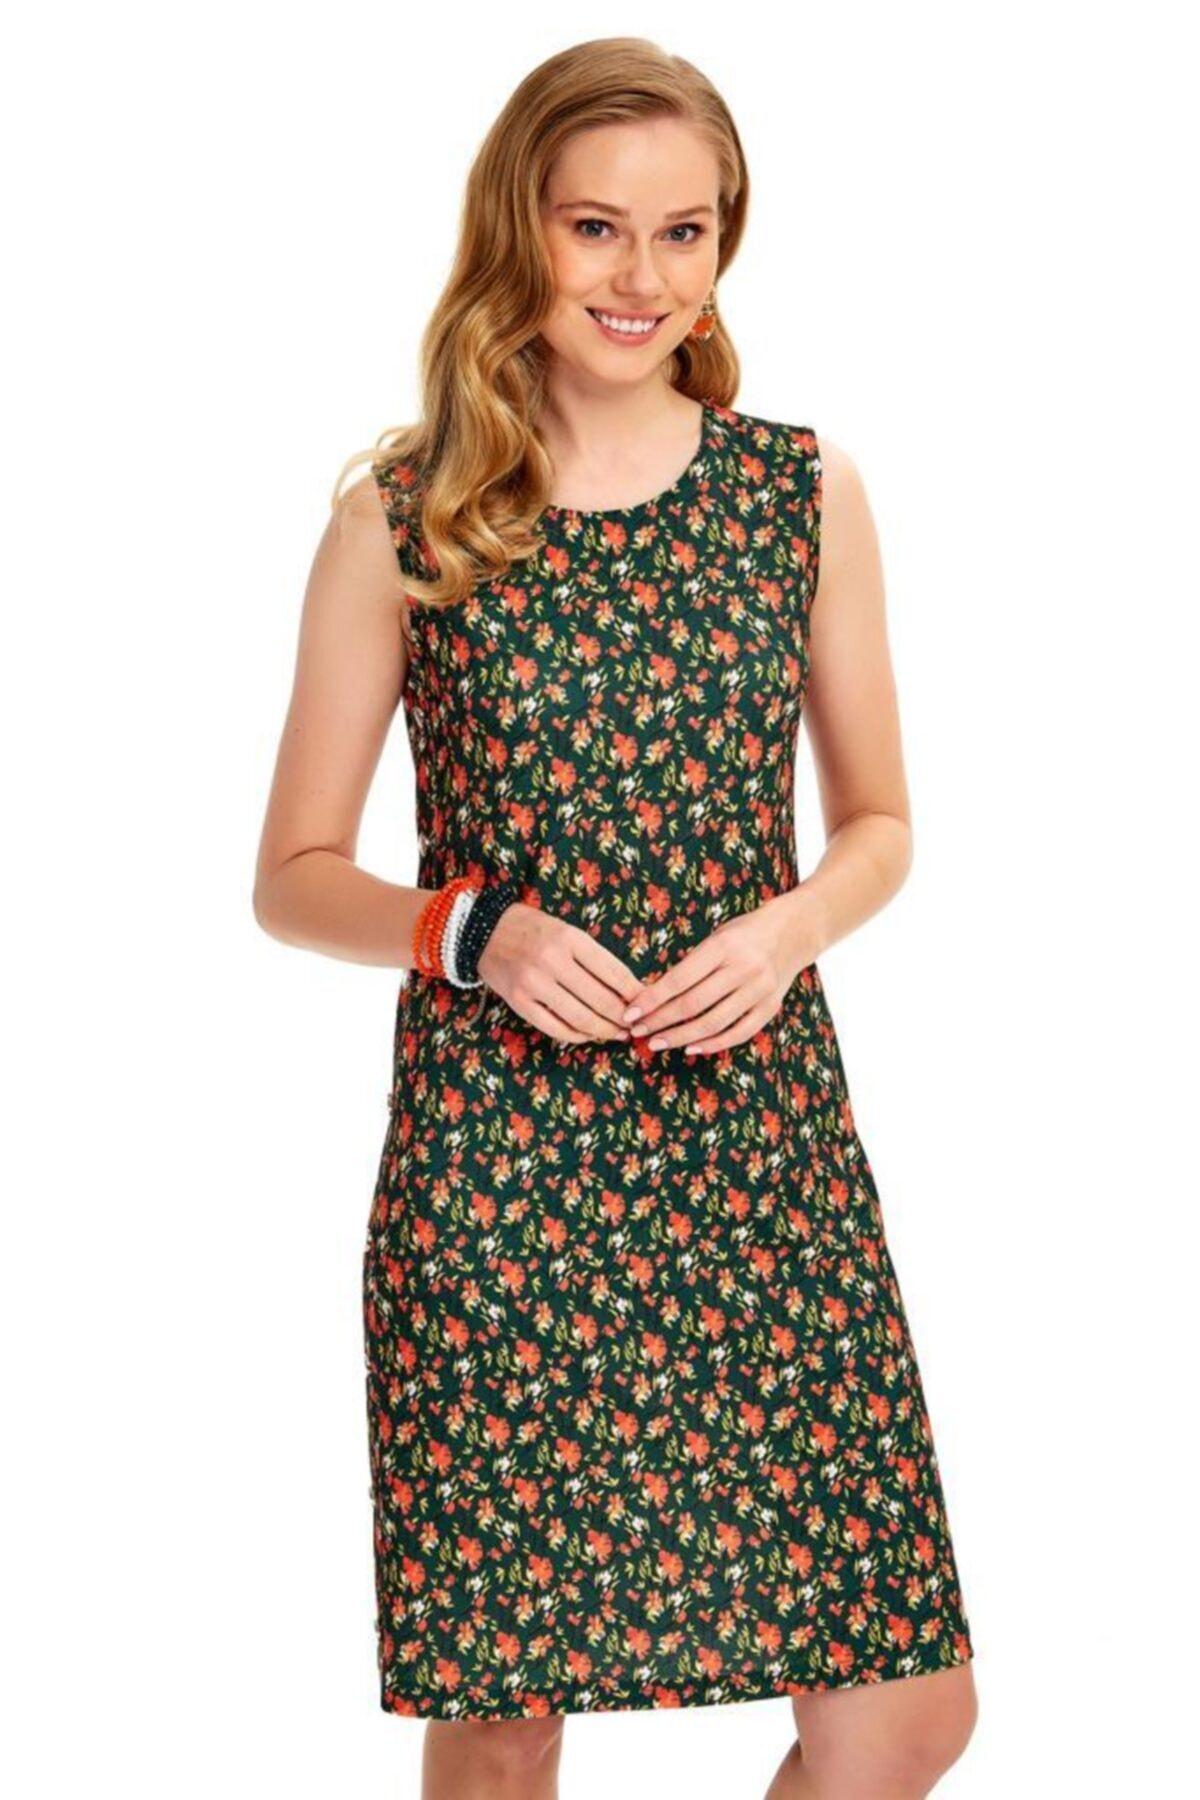 İKİLER Kadın Yeşil Yanları Çıtçıtlı Çiçek Desenli Elbise 1